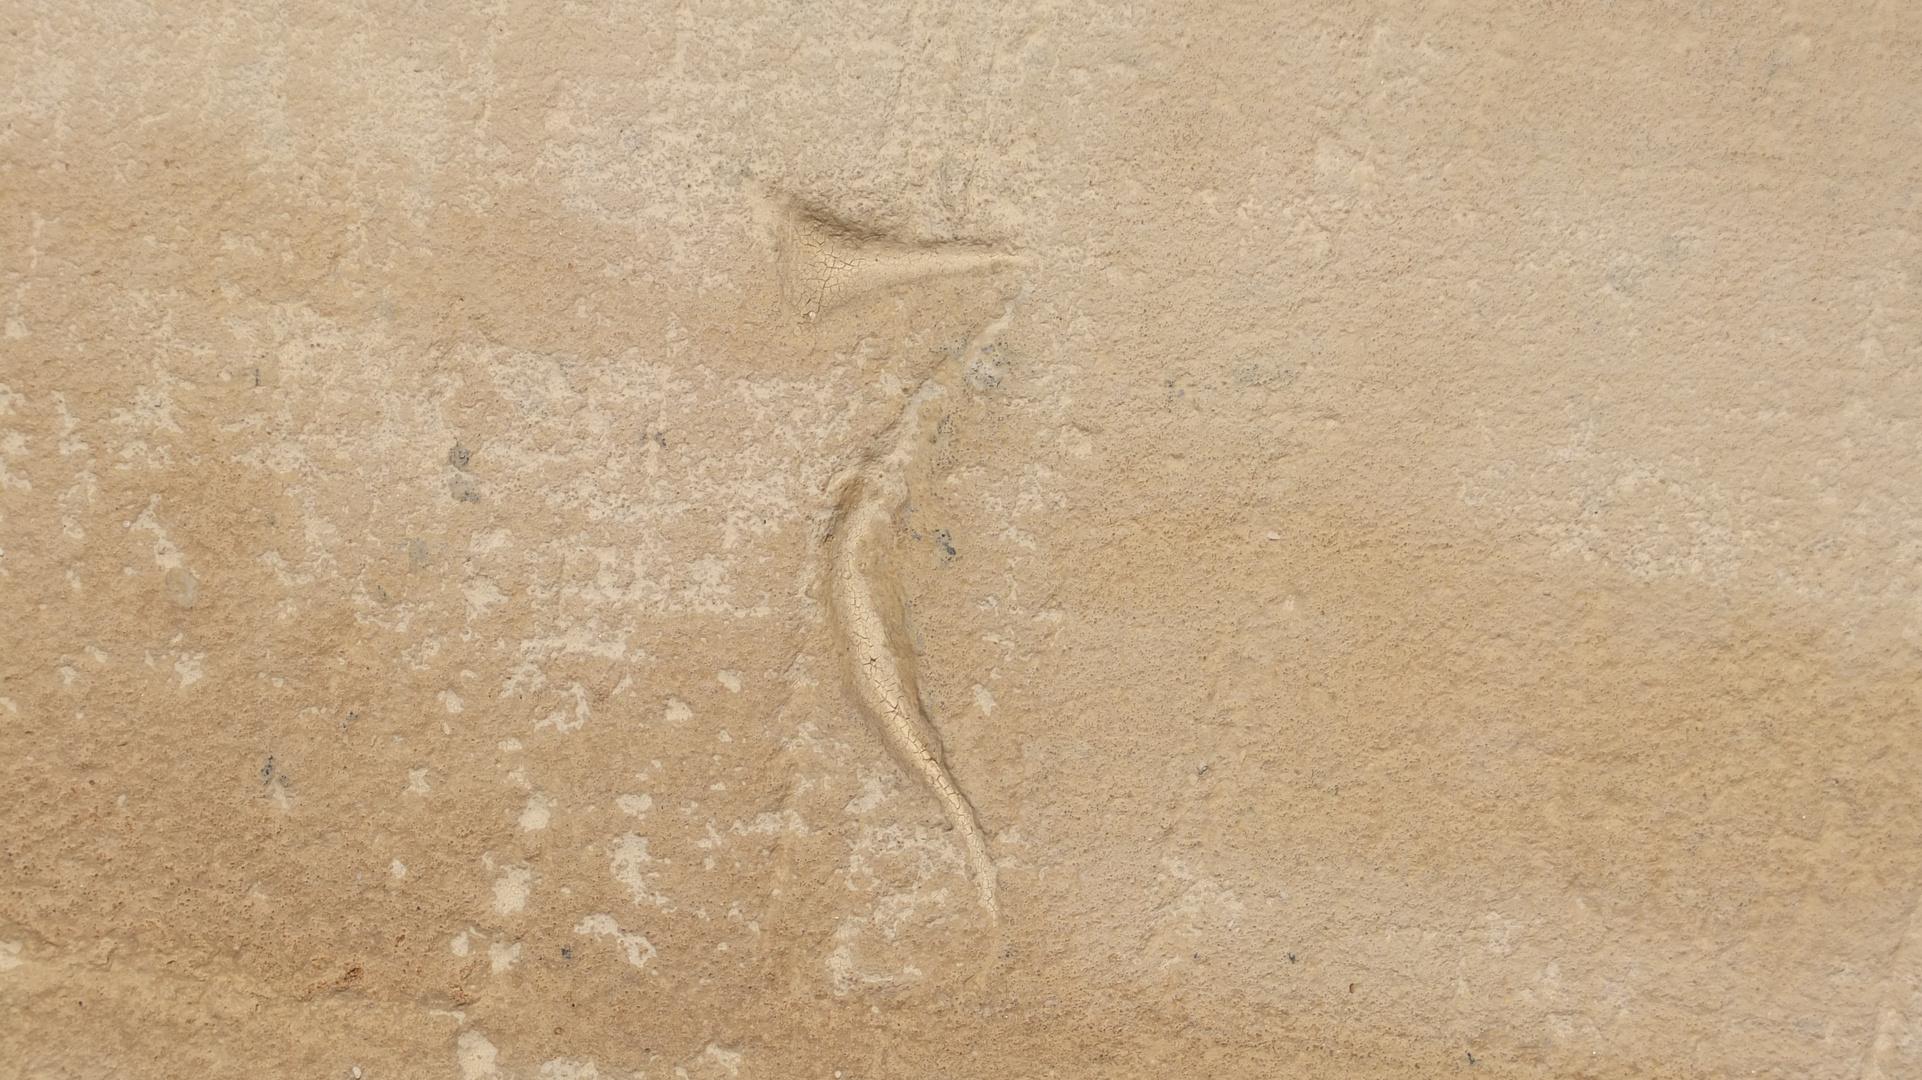 Schriftzeichen im Kreuzgang der ehemaligen Klosterkirche in Himmelkron